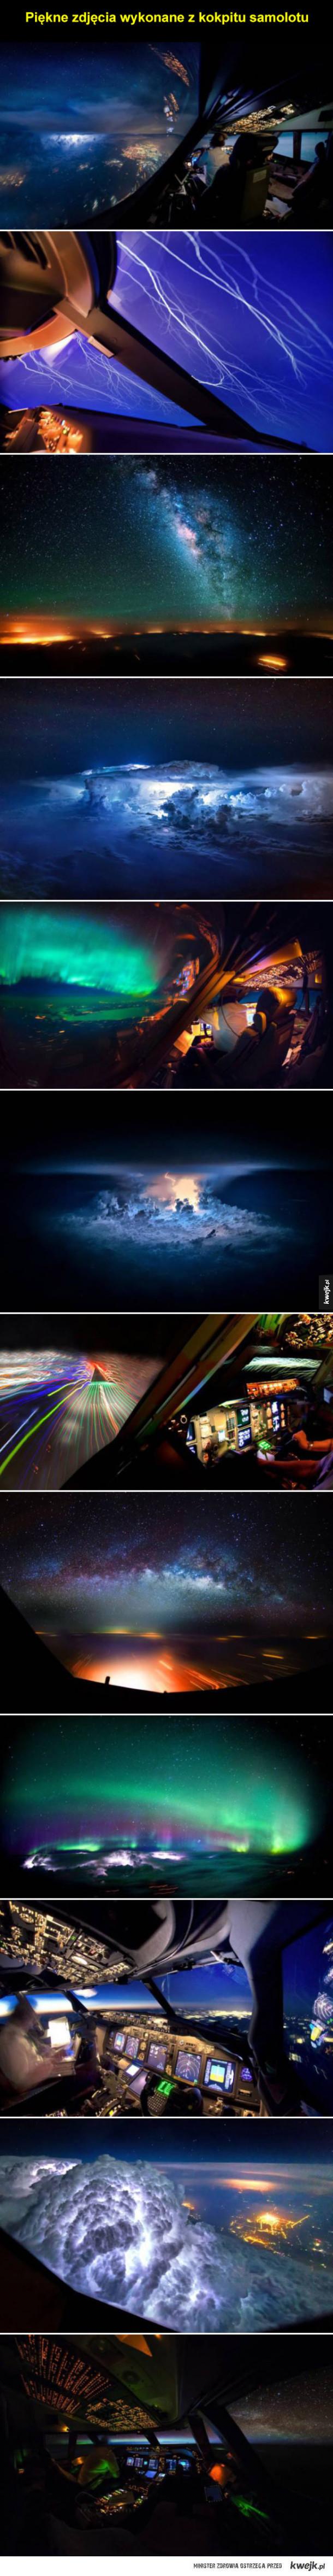 Świat z perspektywy pilota